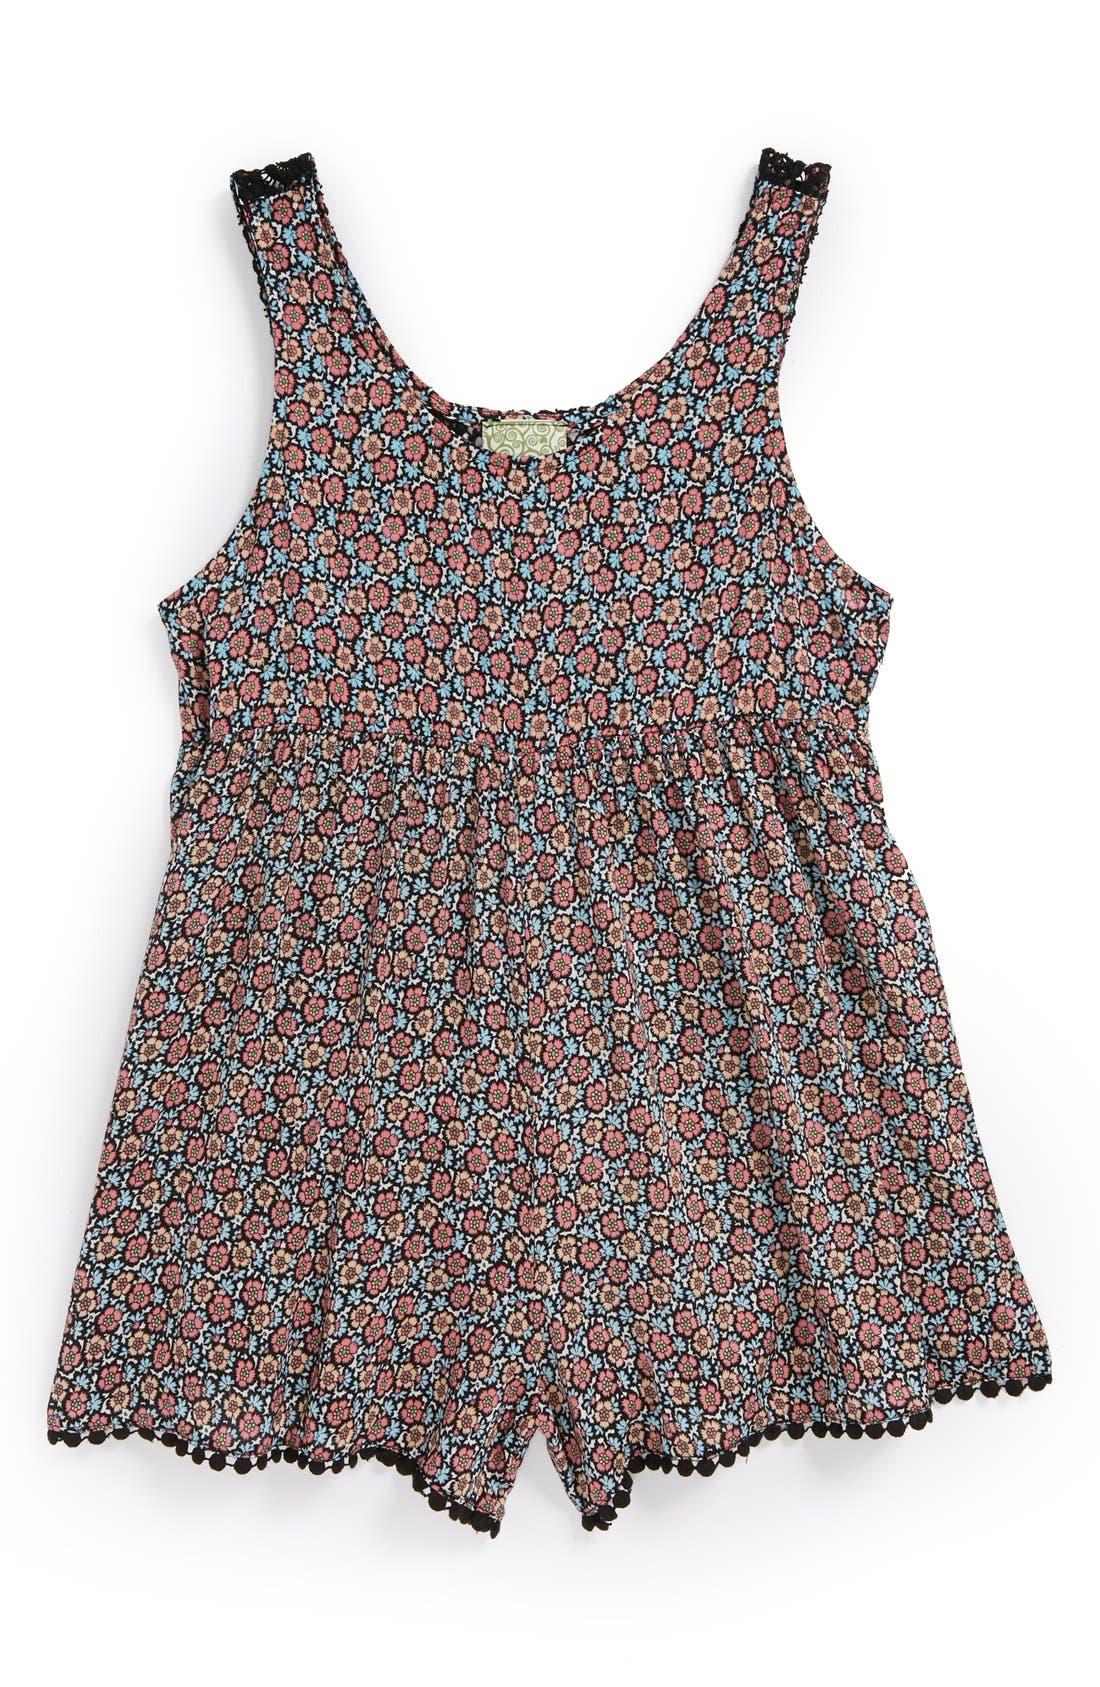 Alternate Image 1 Selected - Kiddo Crochet Back Romper (Big Girls)